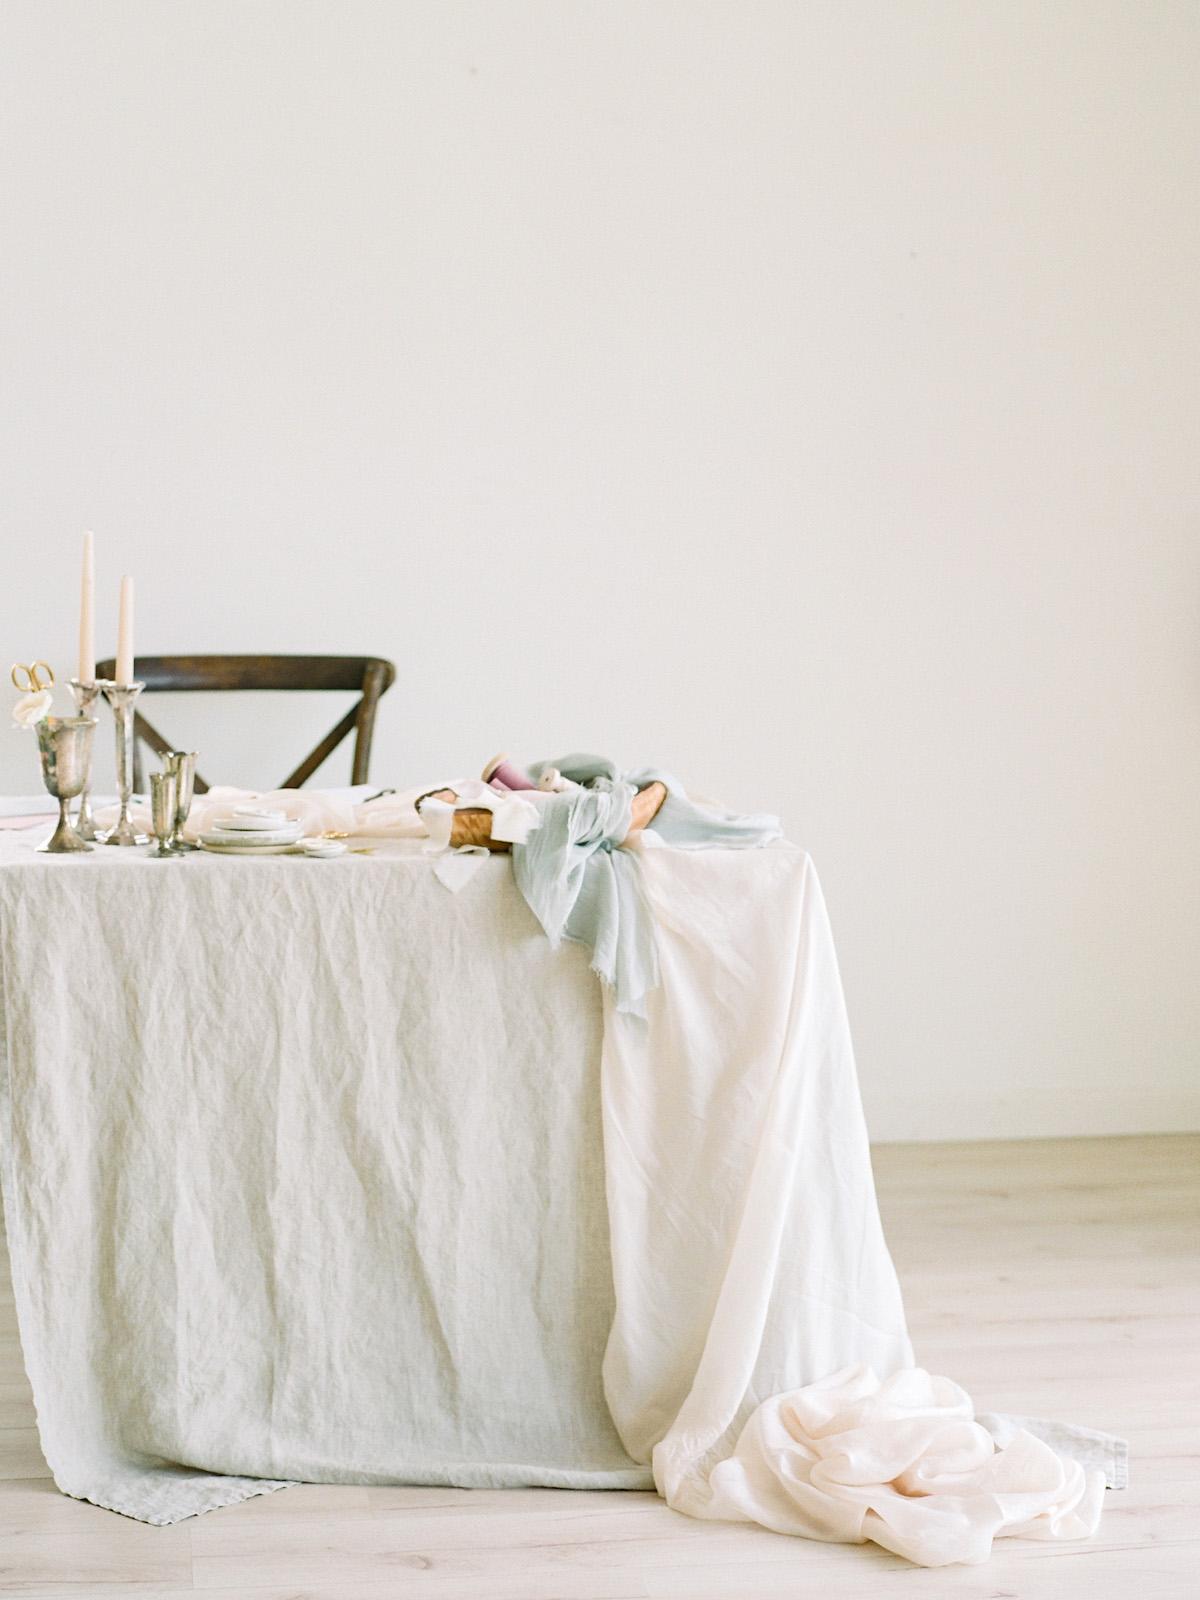 olea-and-fig-blooming-wed-brand-shoot-16.jpg